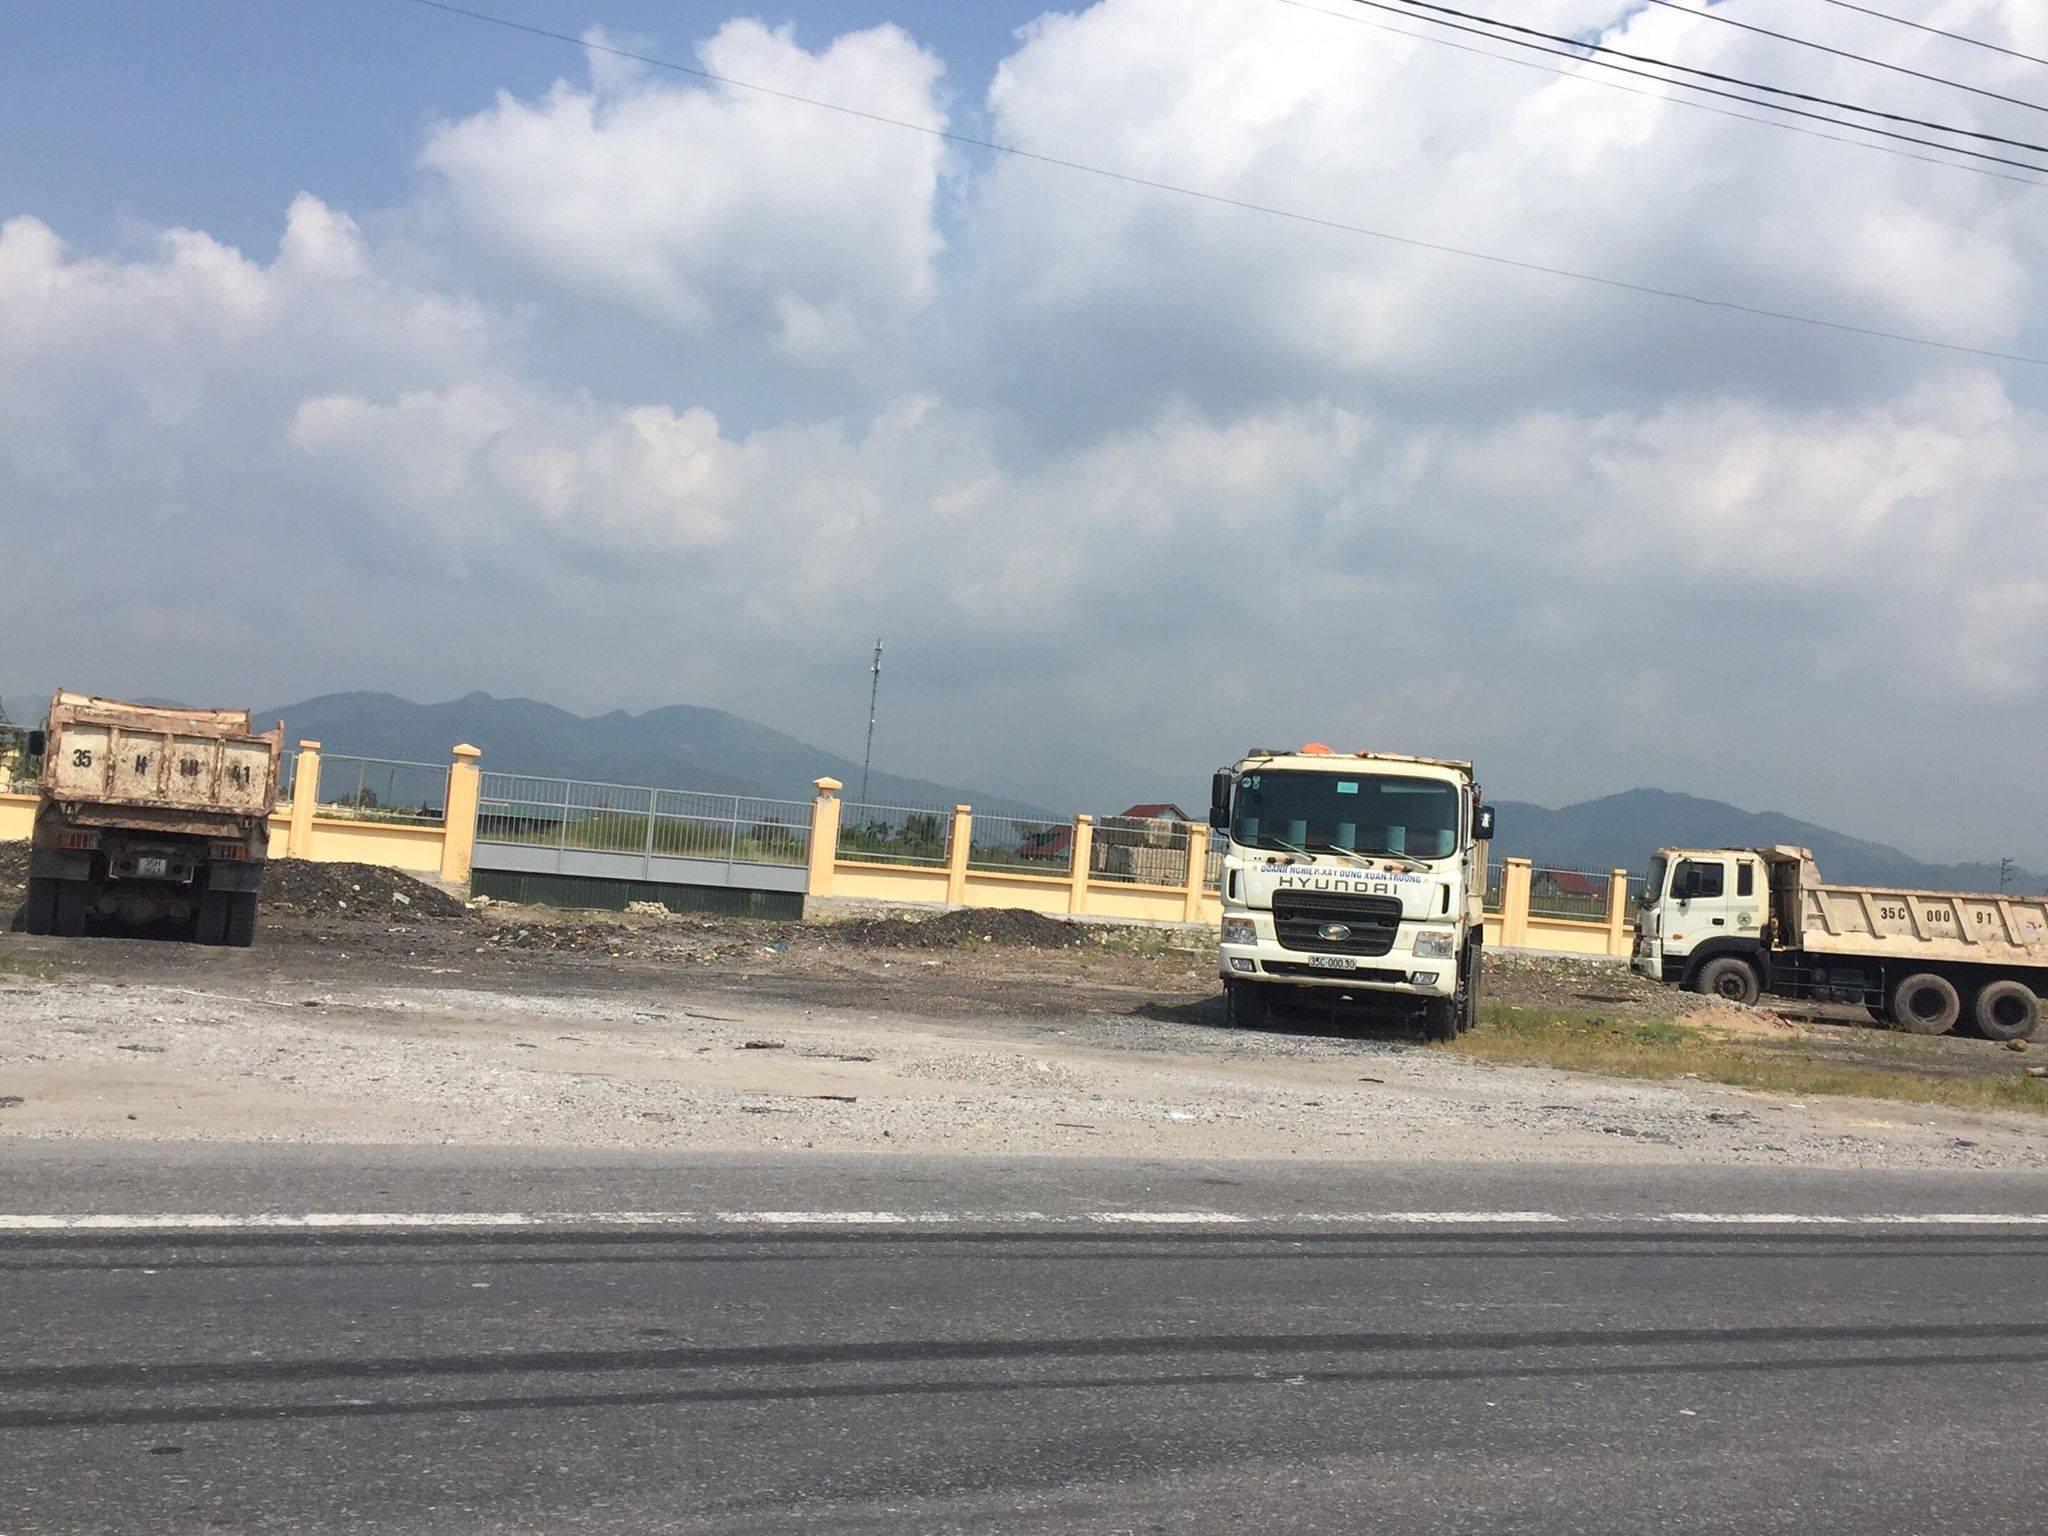 Vụ 14 xe tải dàn hàng trên quốc lộ chống đối CSGT: Công an Quảng Ninh lên tiếng 2